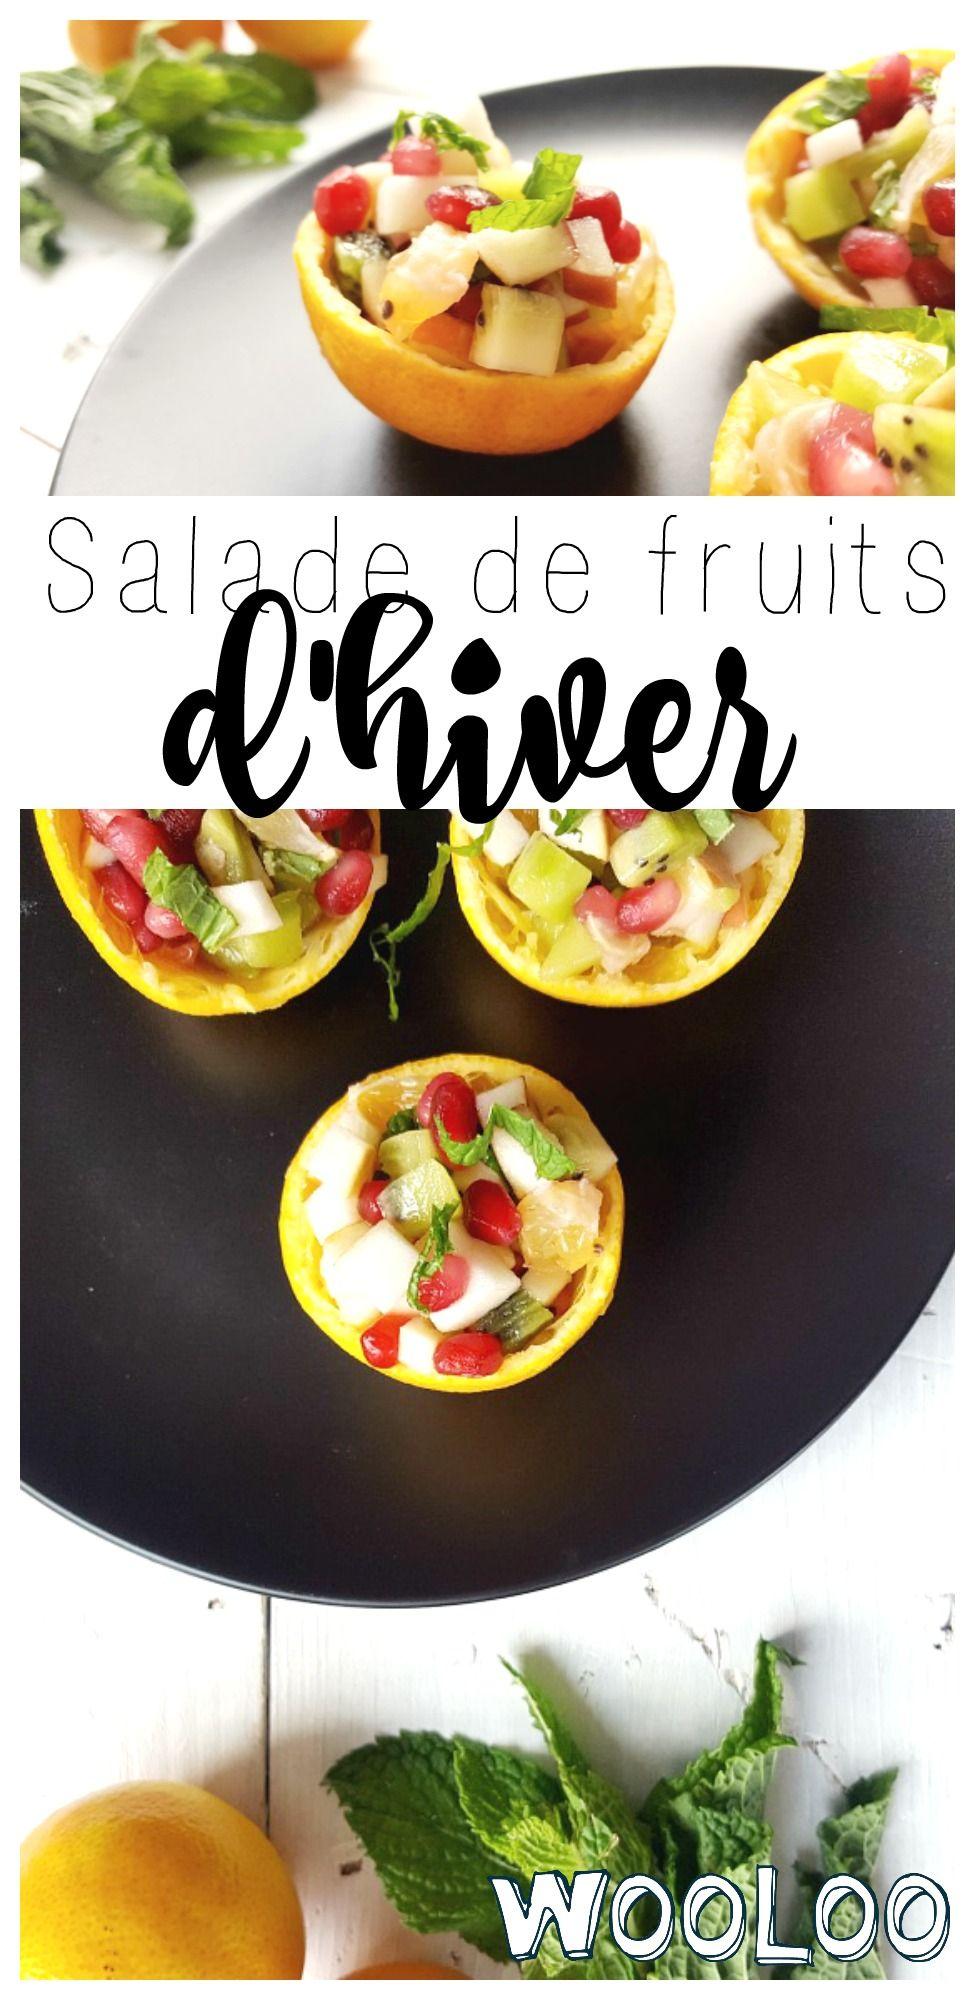 Voici la salade de fruits d'hiver parfaite pour mettre un peu de vitamines et de couleurs dans ta vie. #salade #fruits #recettes